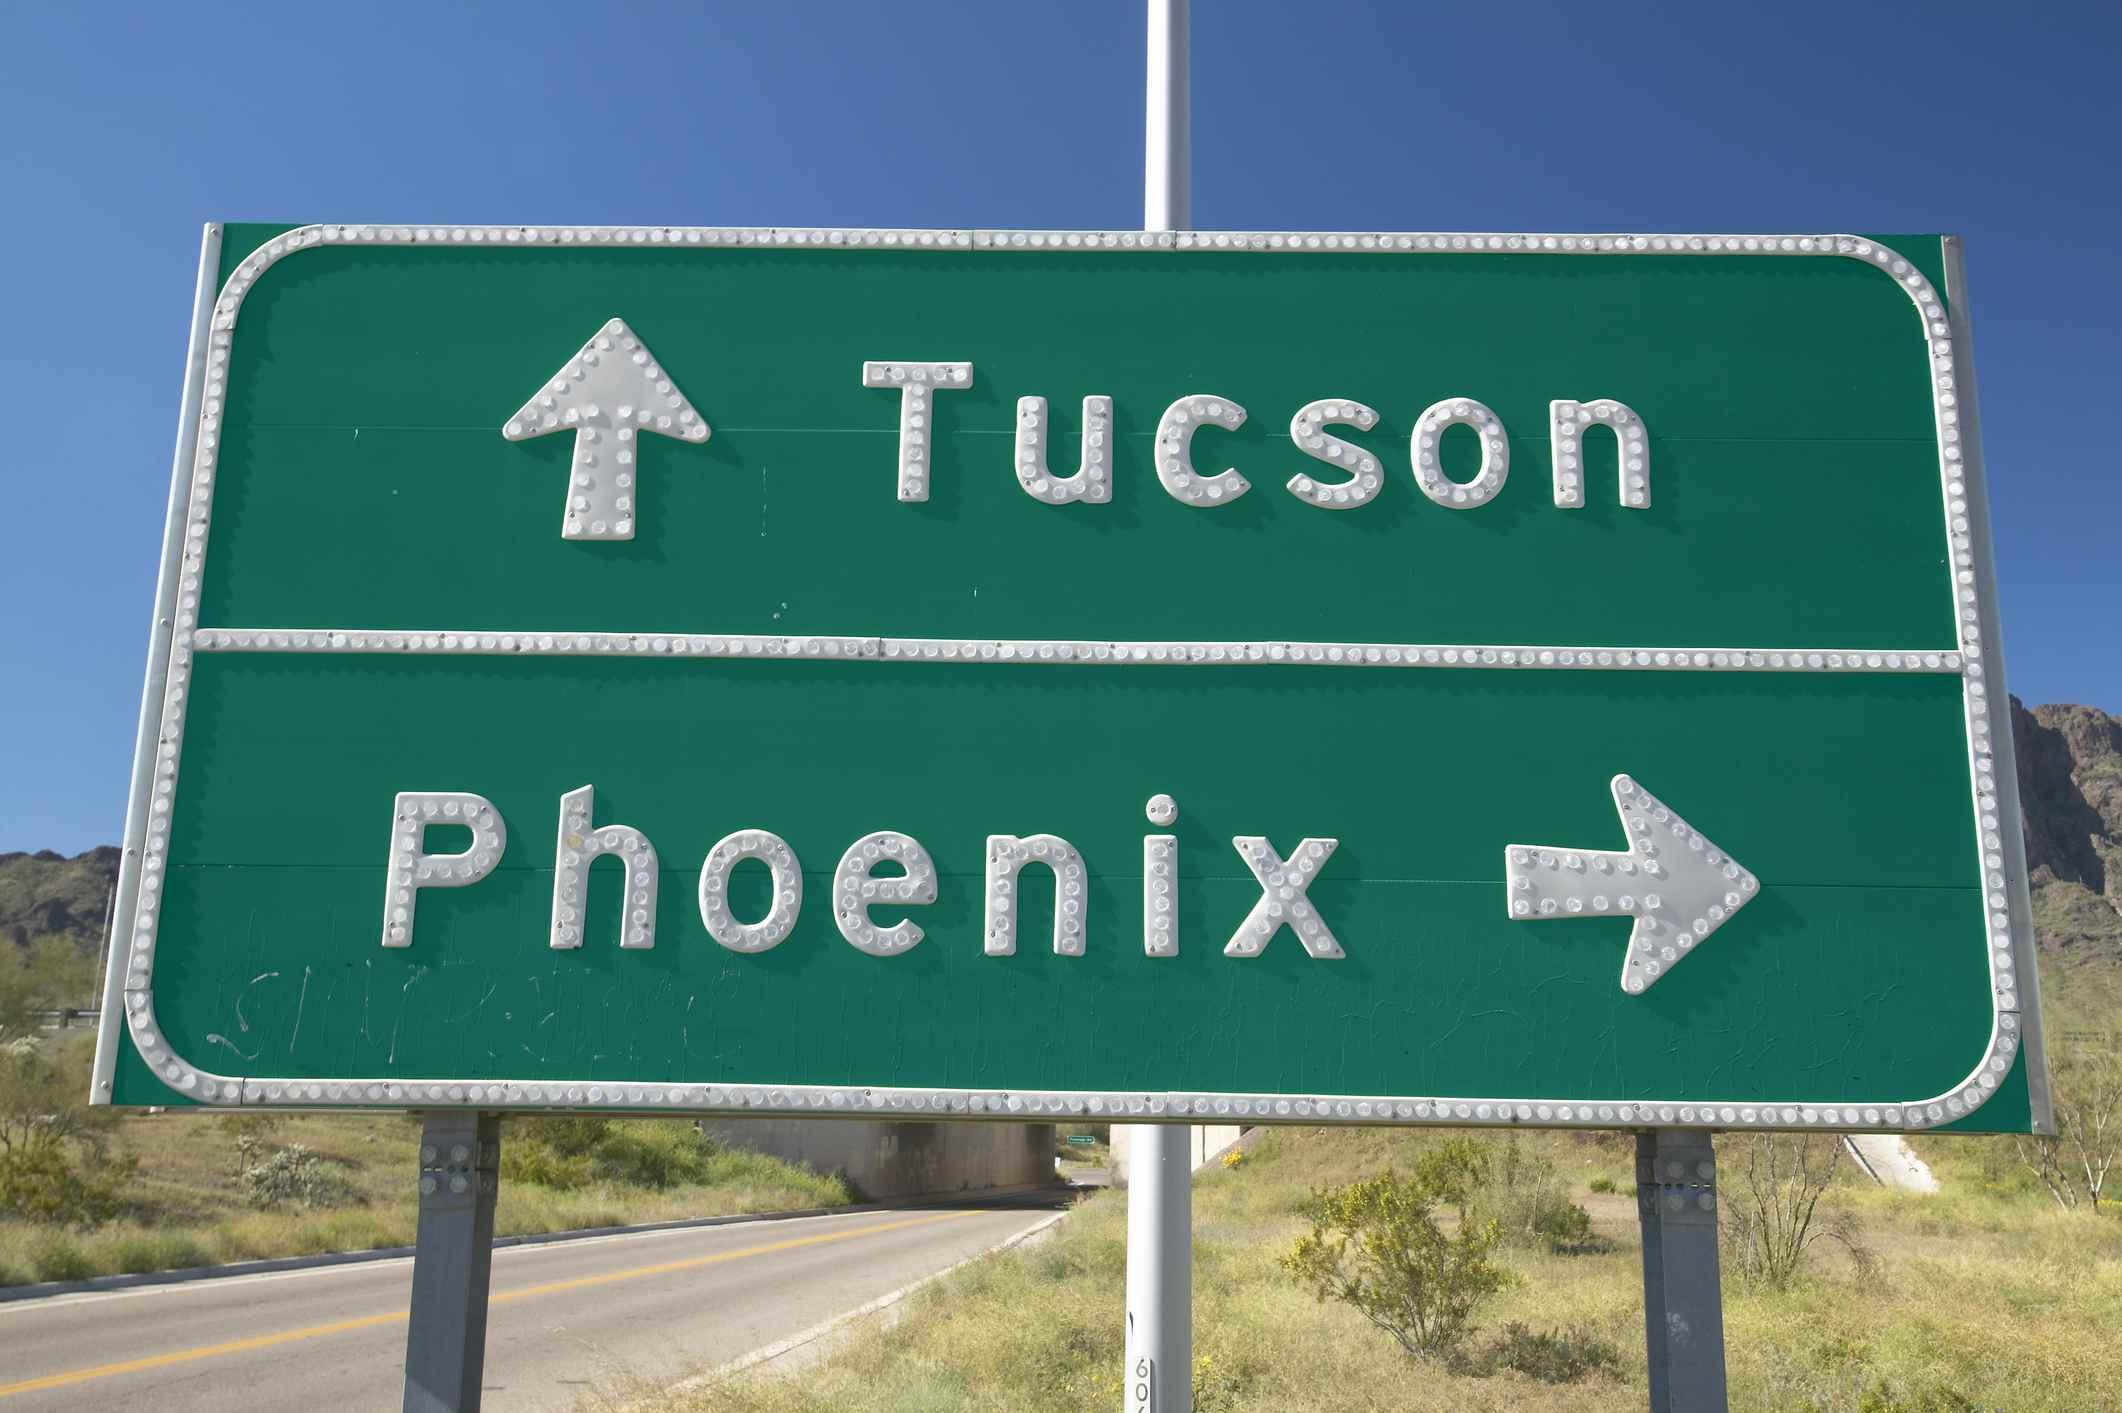 North Phoenix, Arizona